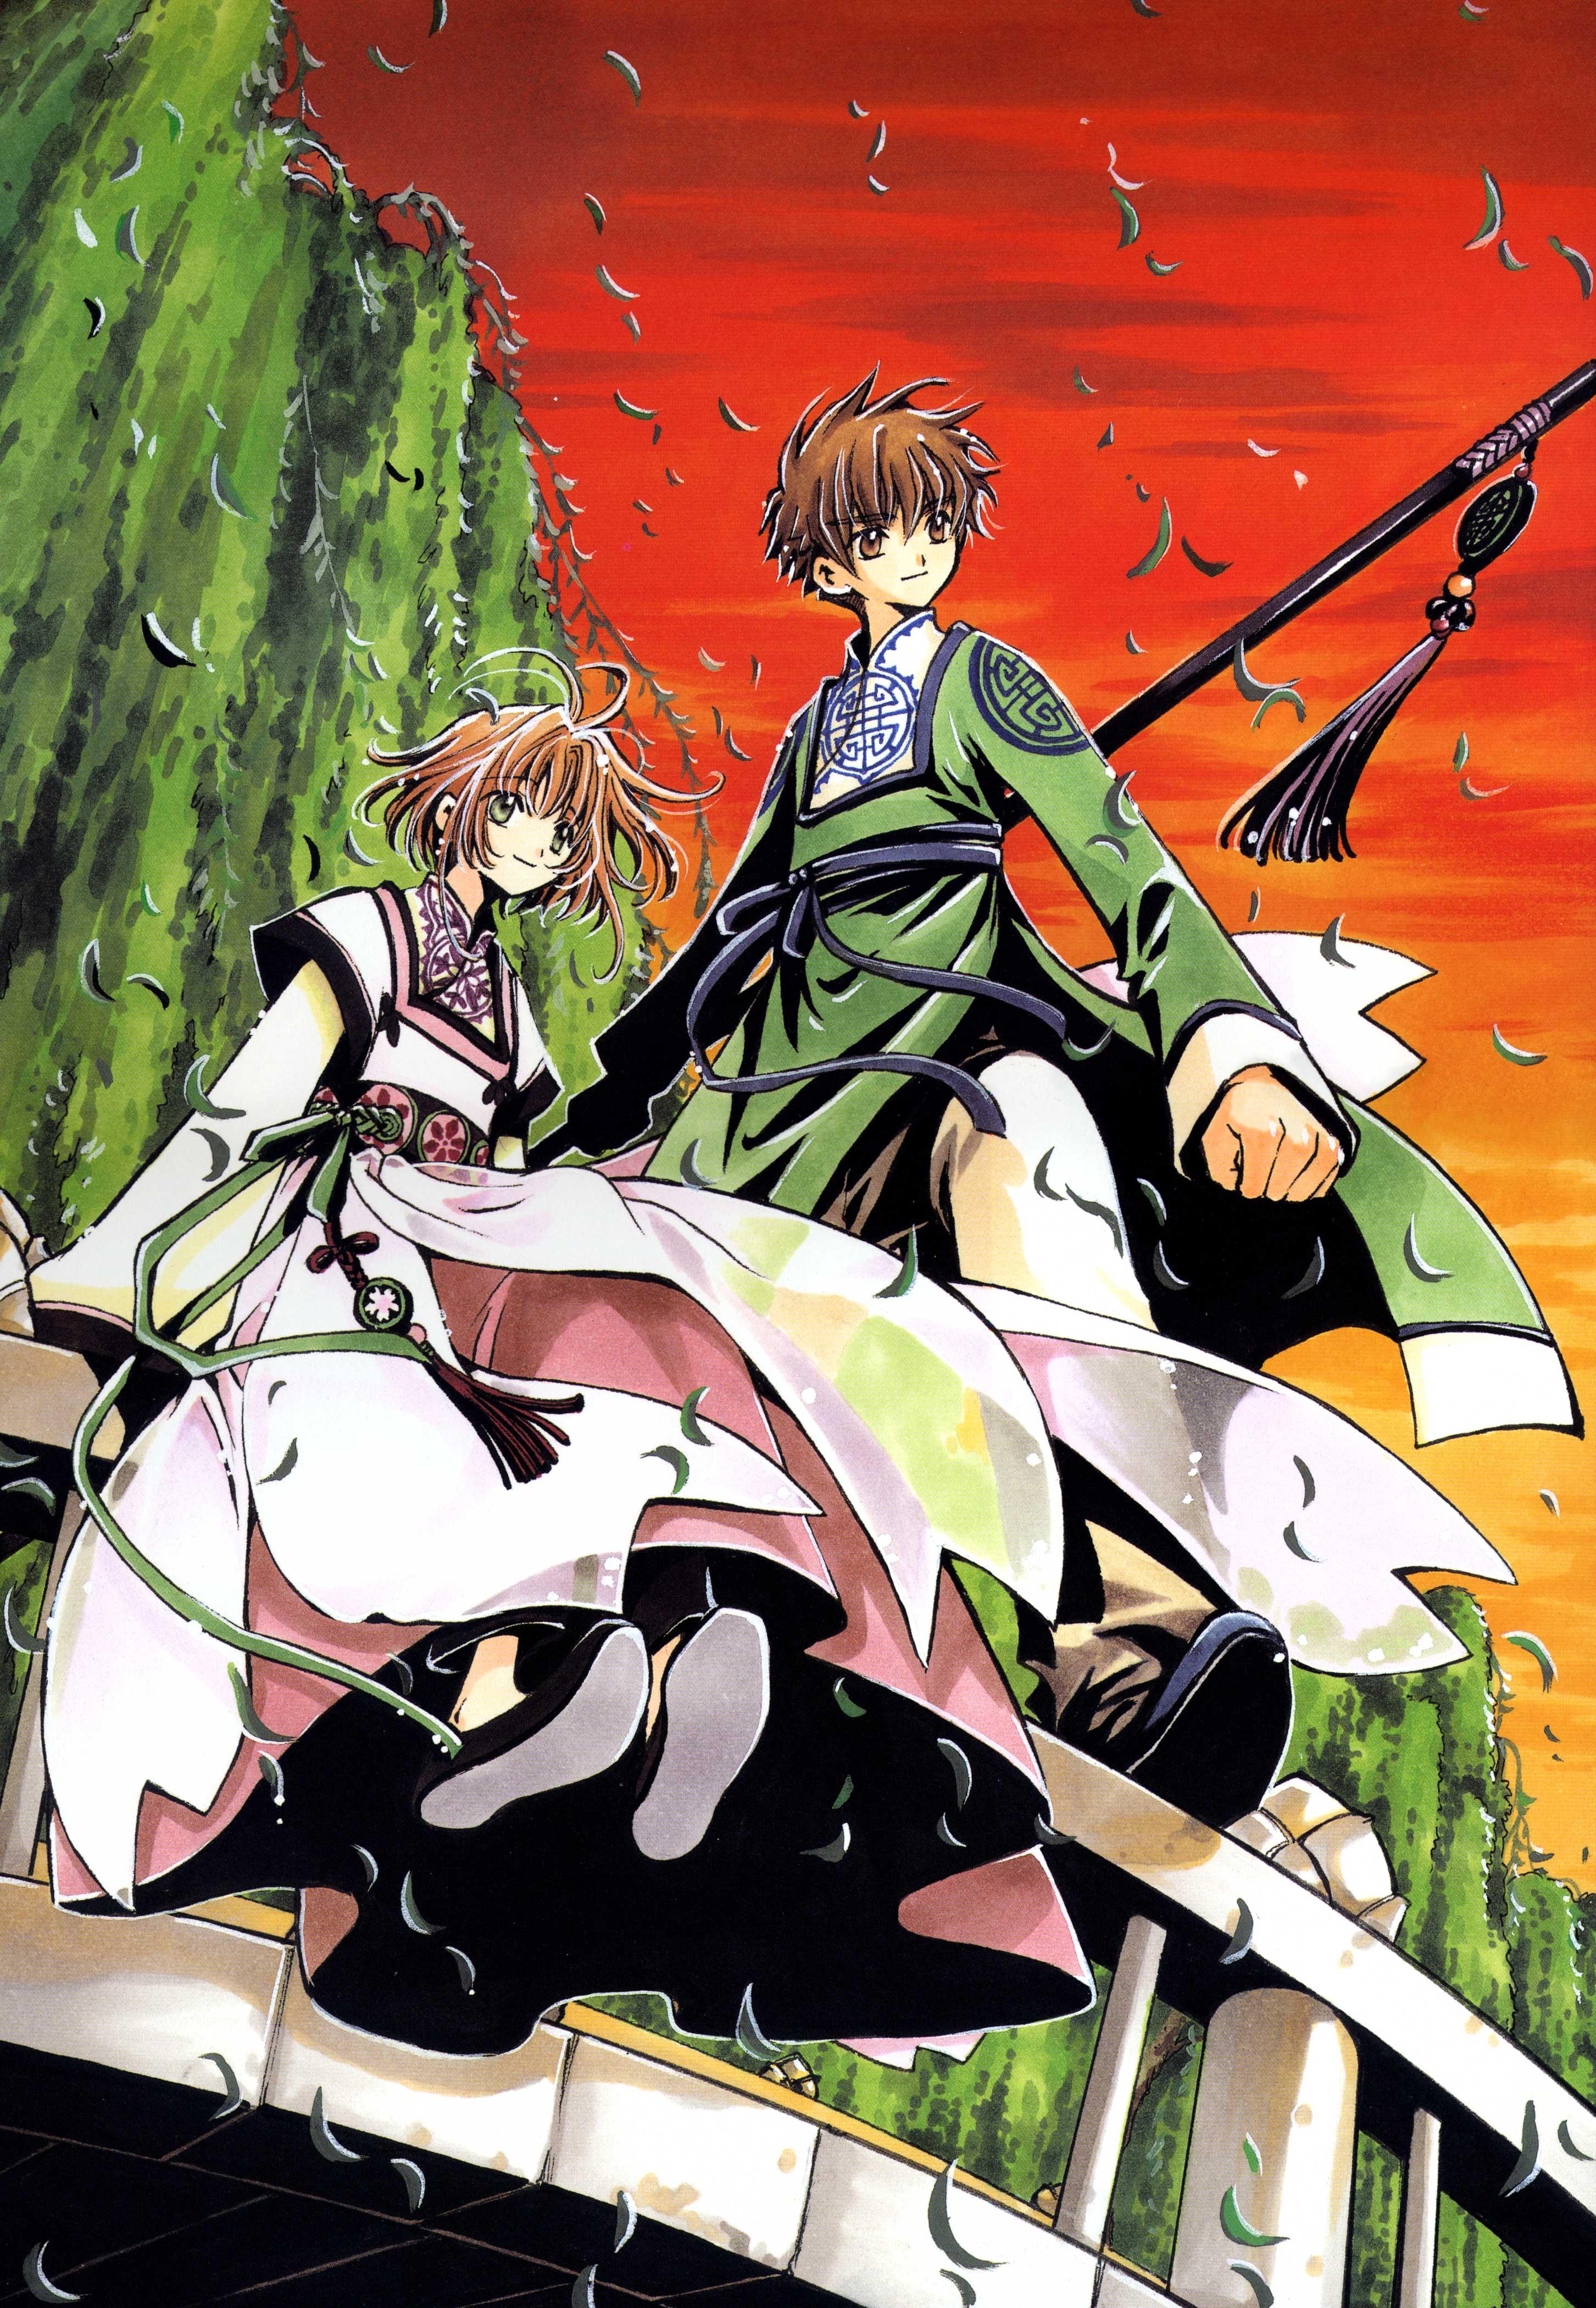 Tsubasa Reservoir Chronicle: Clamp - Tsubasa Album de Reproductions POST 22 - Minitokyo